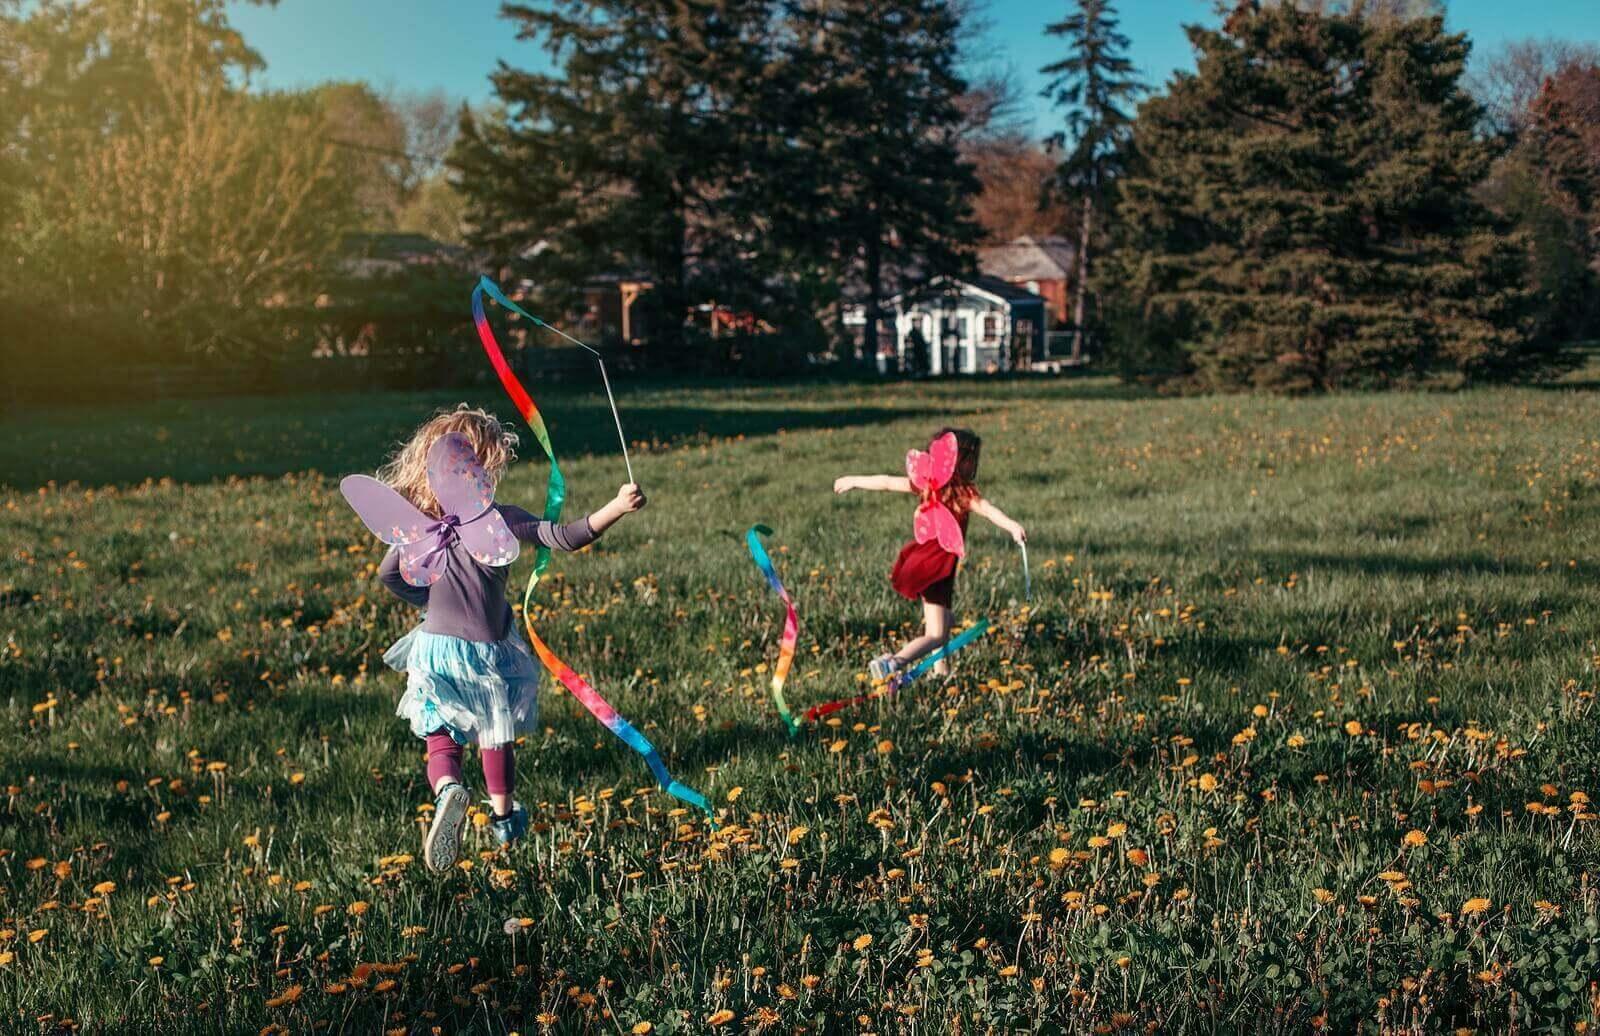 Hva er ustrukturert lek og hvorfor er det viktig?